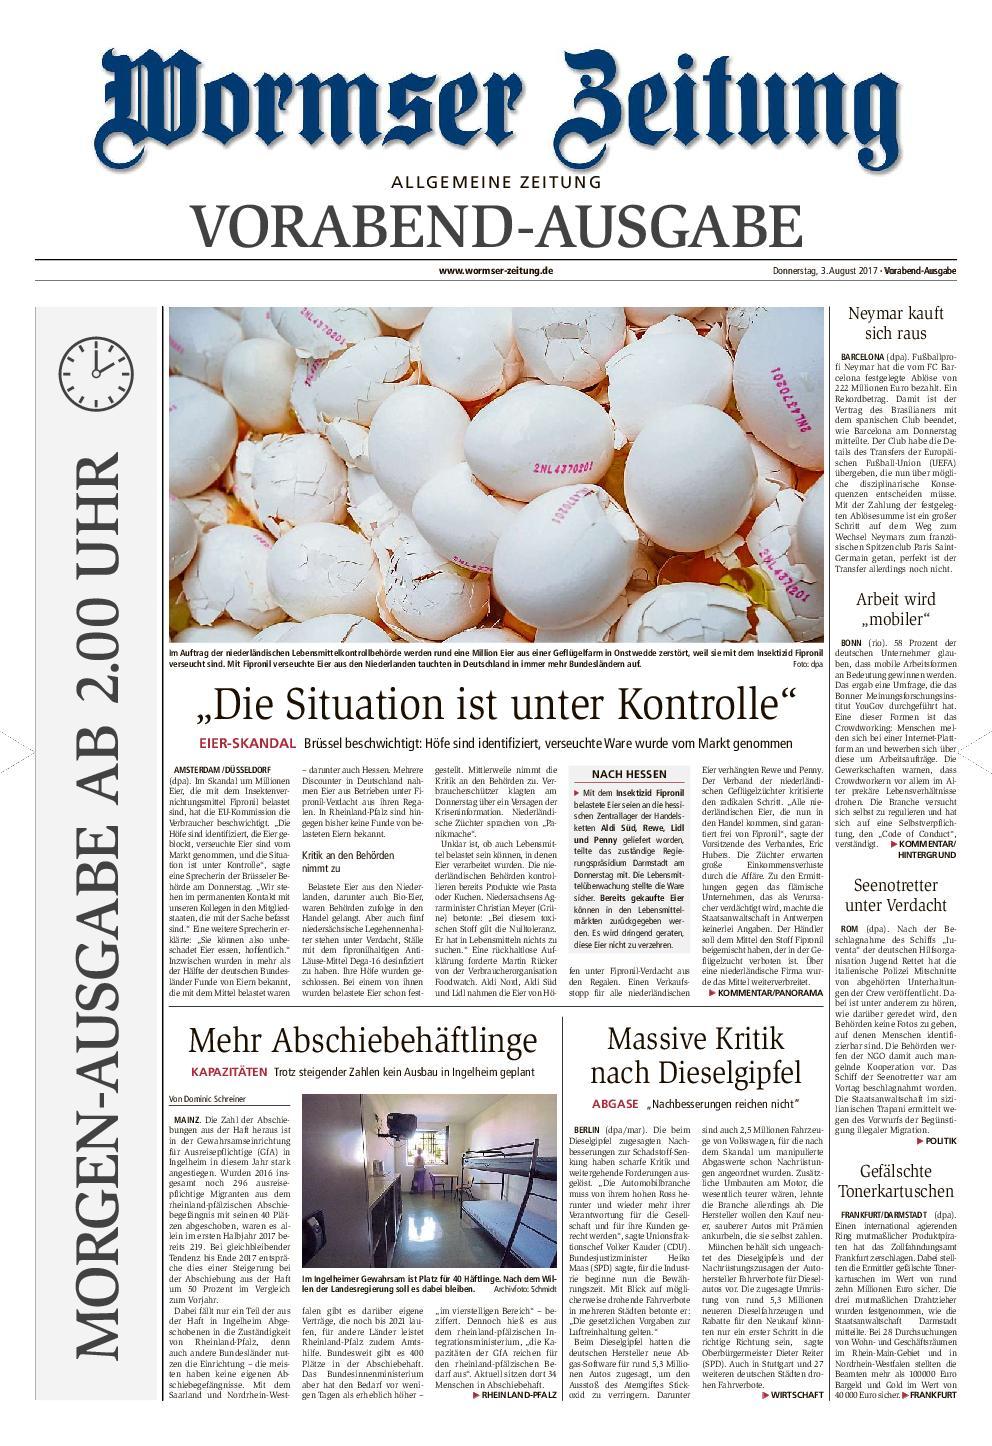 Wormser Zeitung 04 August 2017